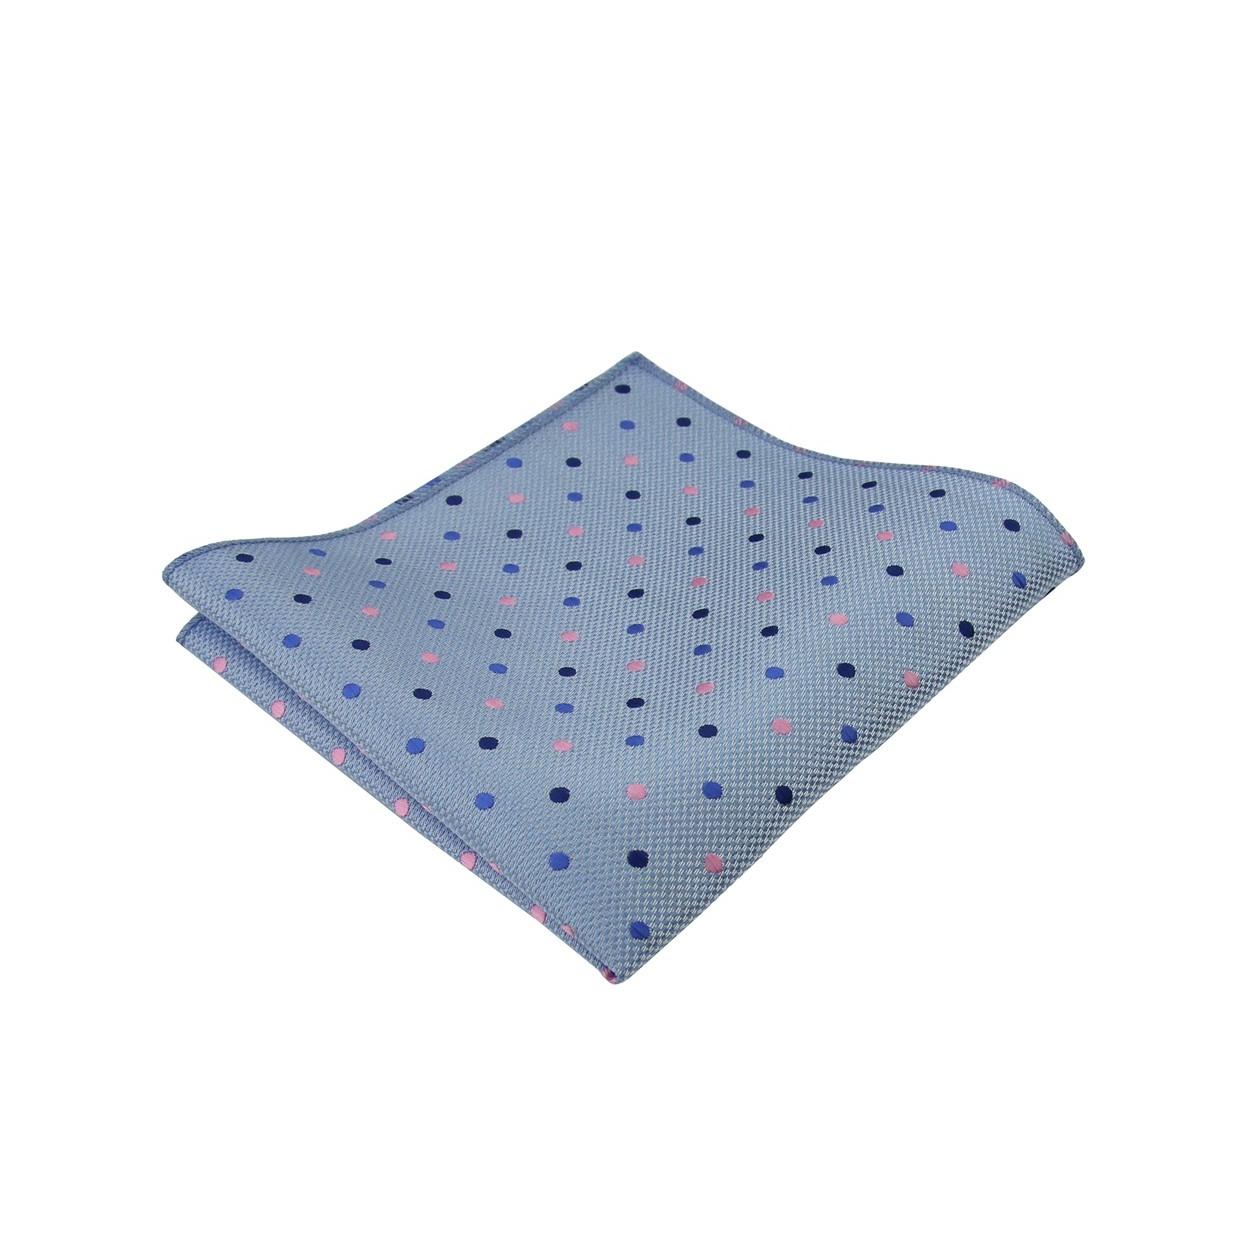 Světle modrý pánský kapesníček do saka s barevnými puntíky